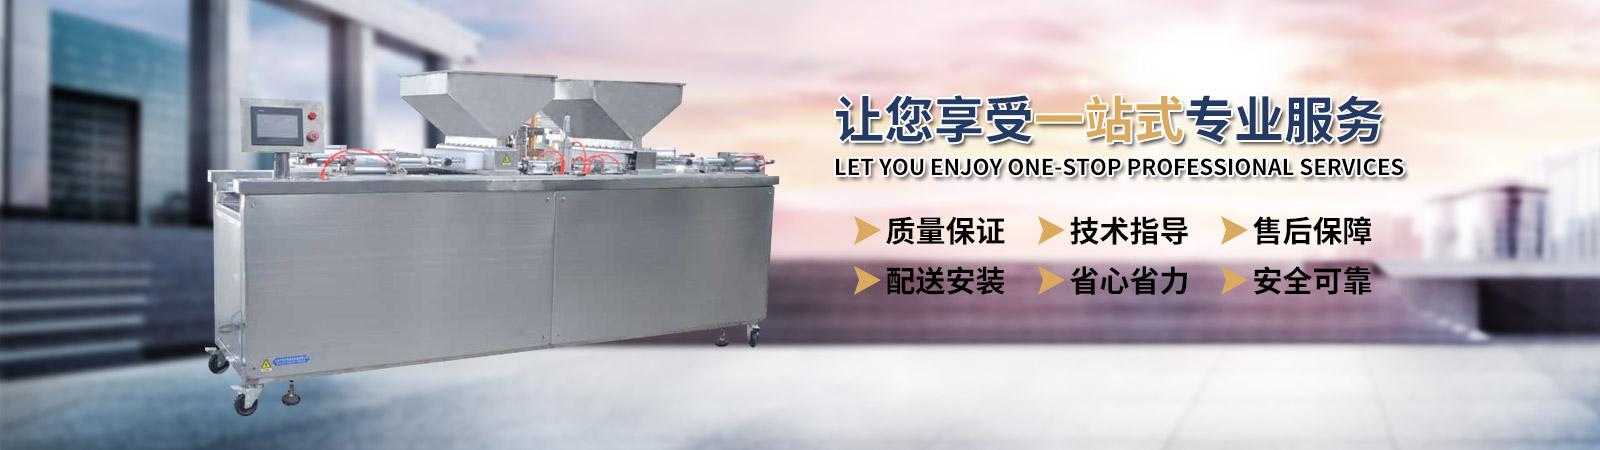 苏州嘉浙再生资源回收有限公司